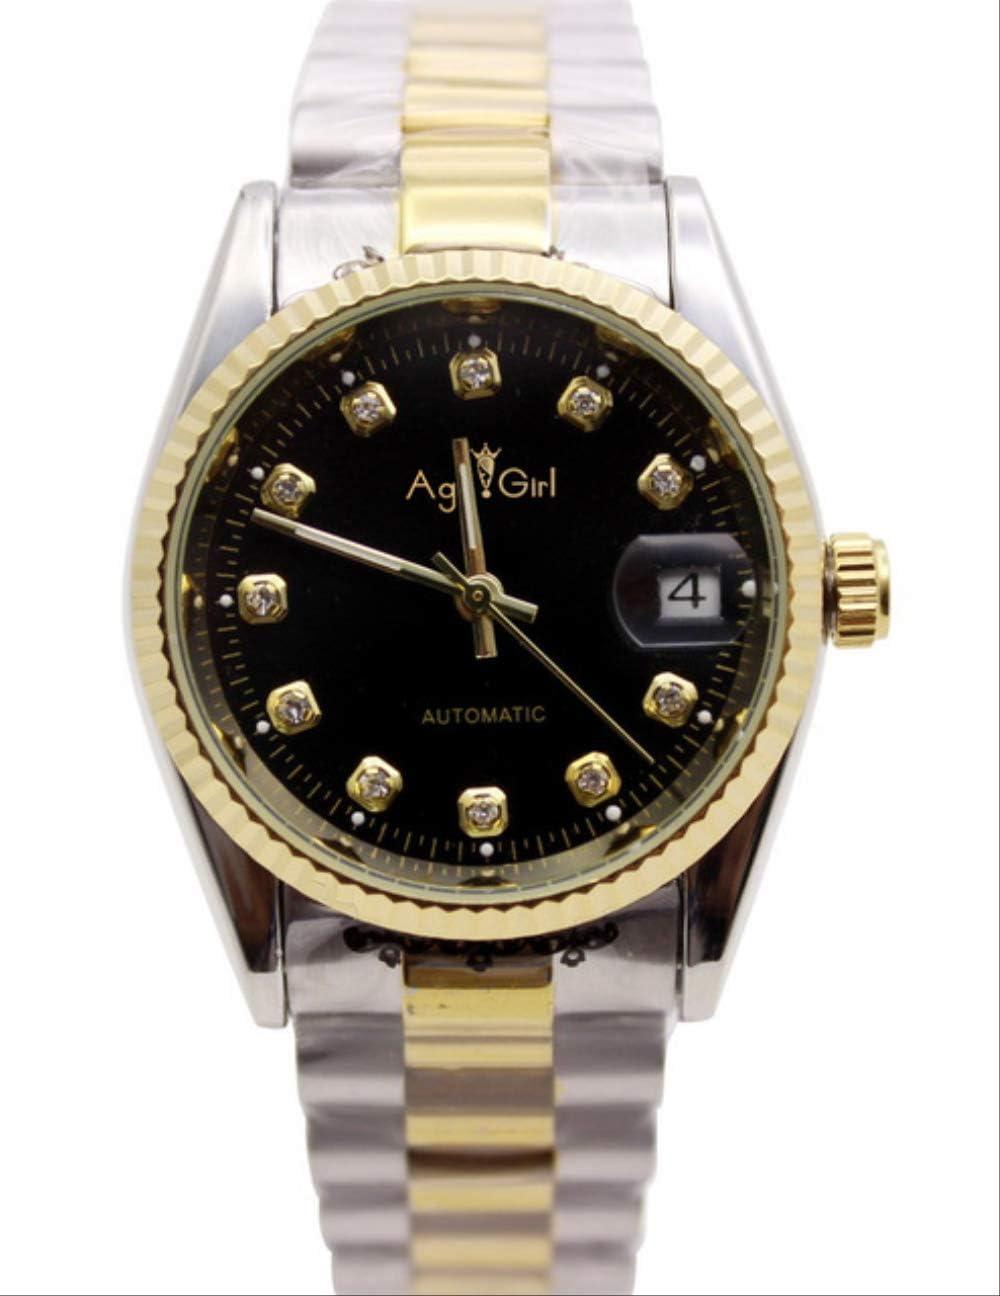 AHELUSB Reloj para Hombre Cristal de Zafiro Plateado Dorado Negro Reloj mecánico automático de Acero Inoxidable 36 mmPlateado Dorado Negro